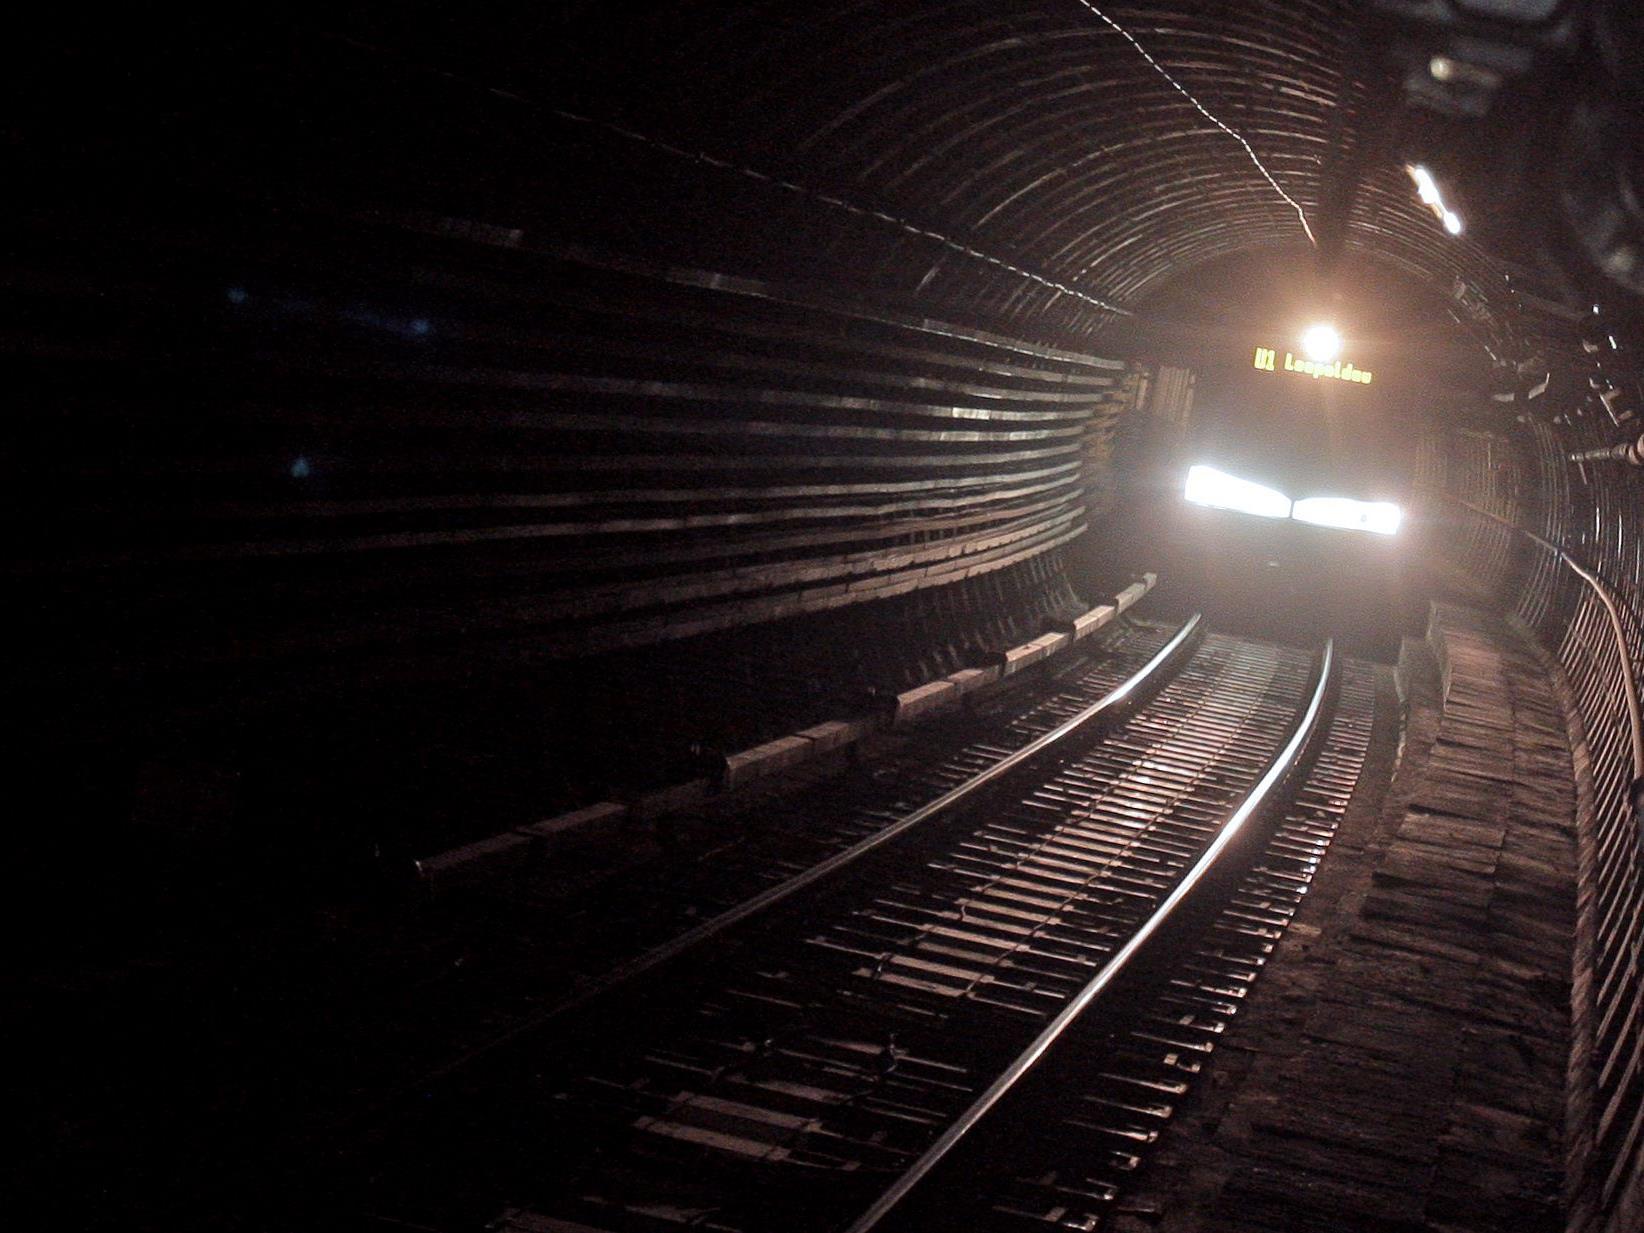 Die psychisch kranke Person verursachte eine U-Bahn-Sperre.